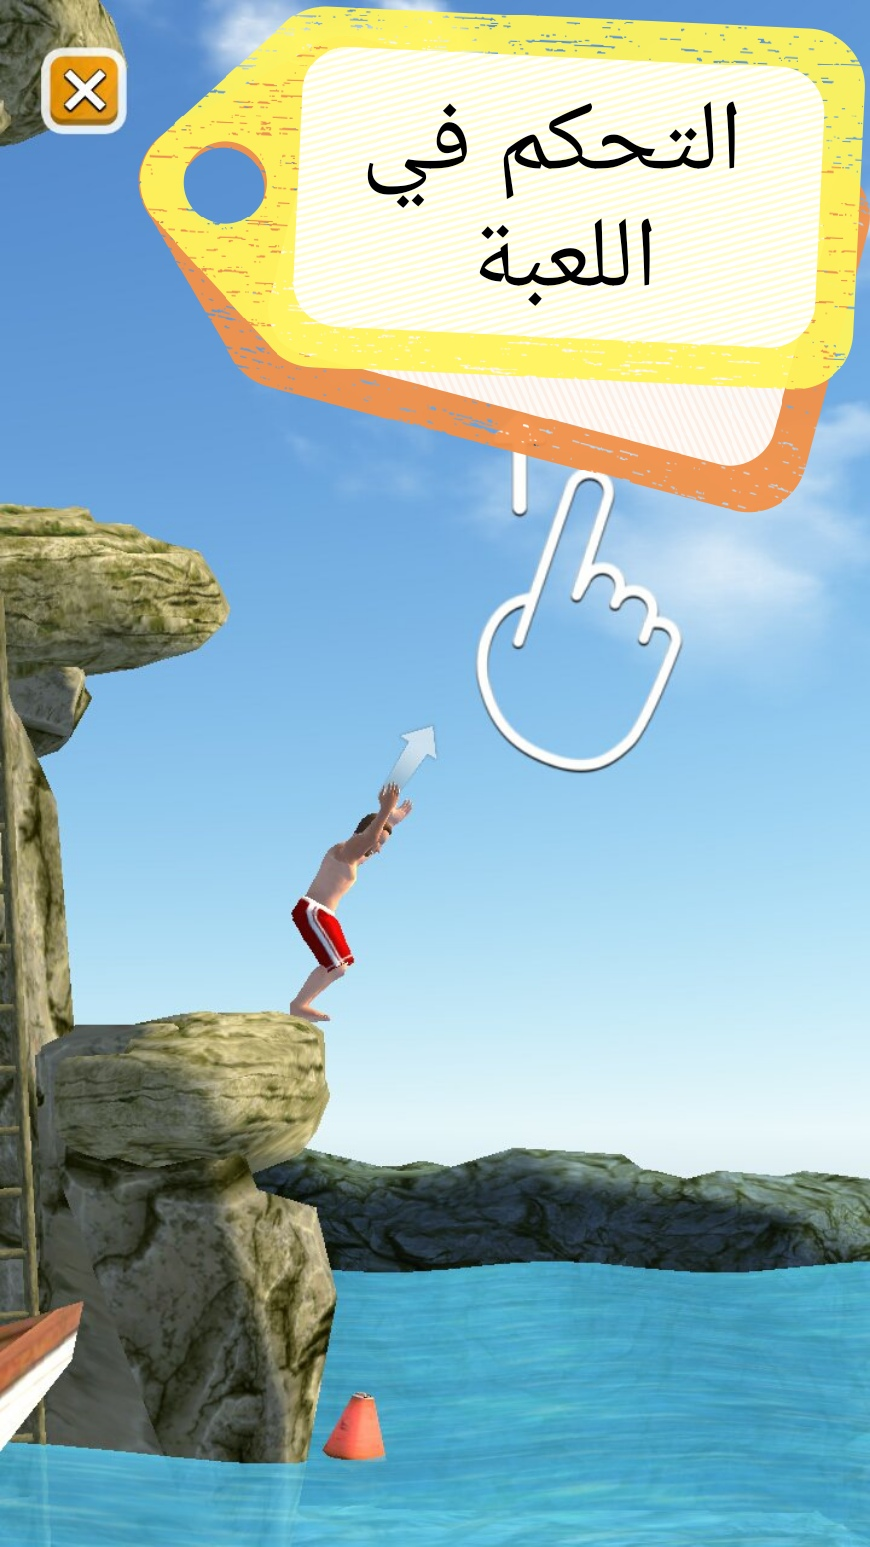 التحكم في لعبة Flip Diving